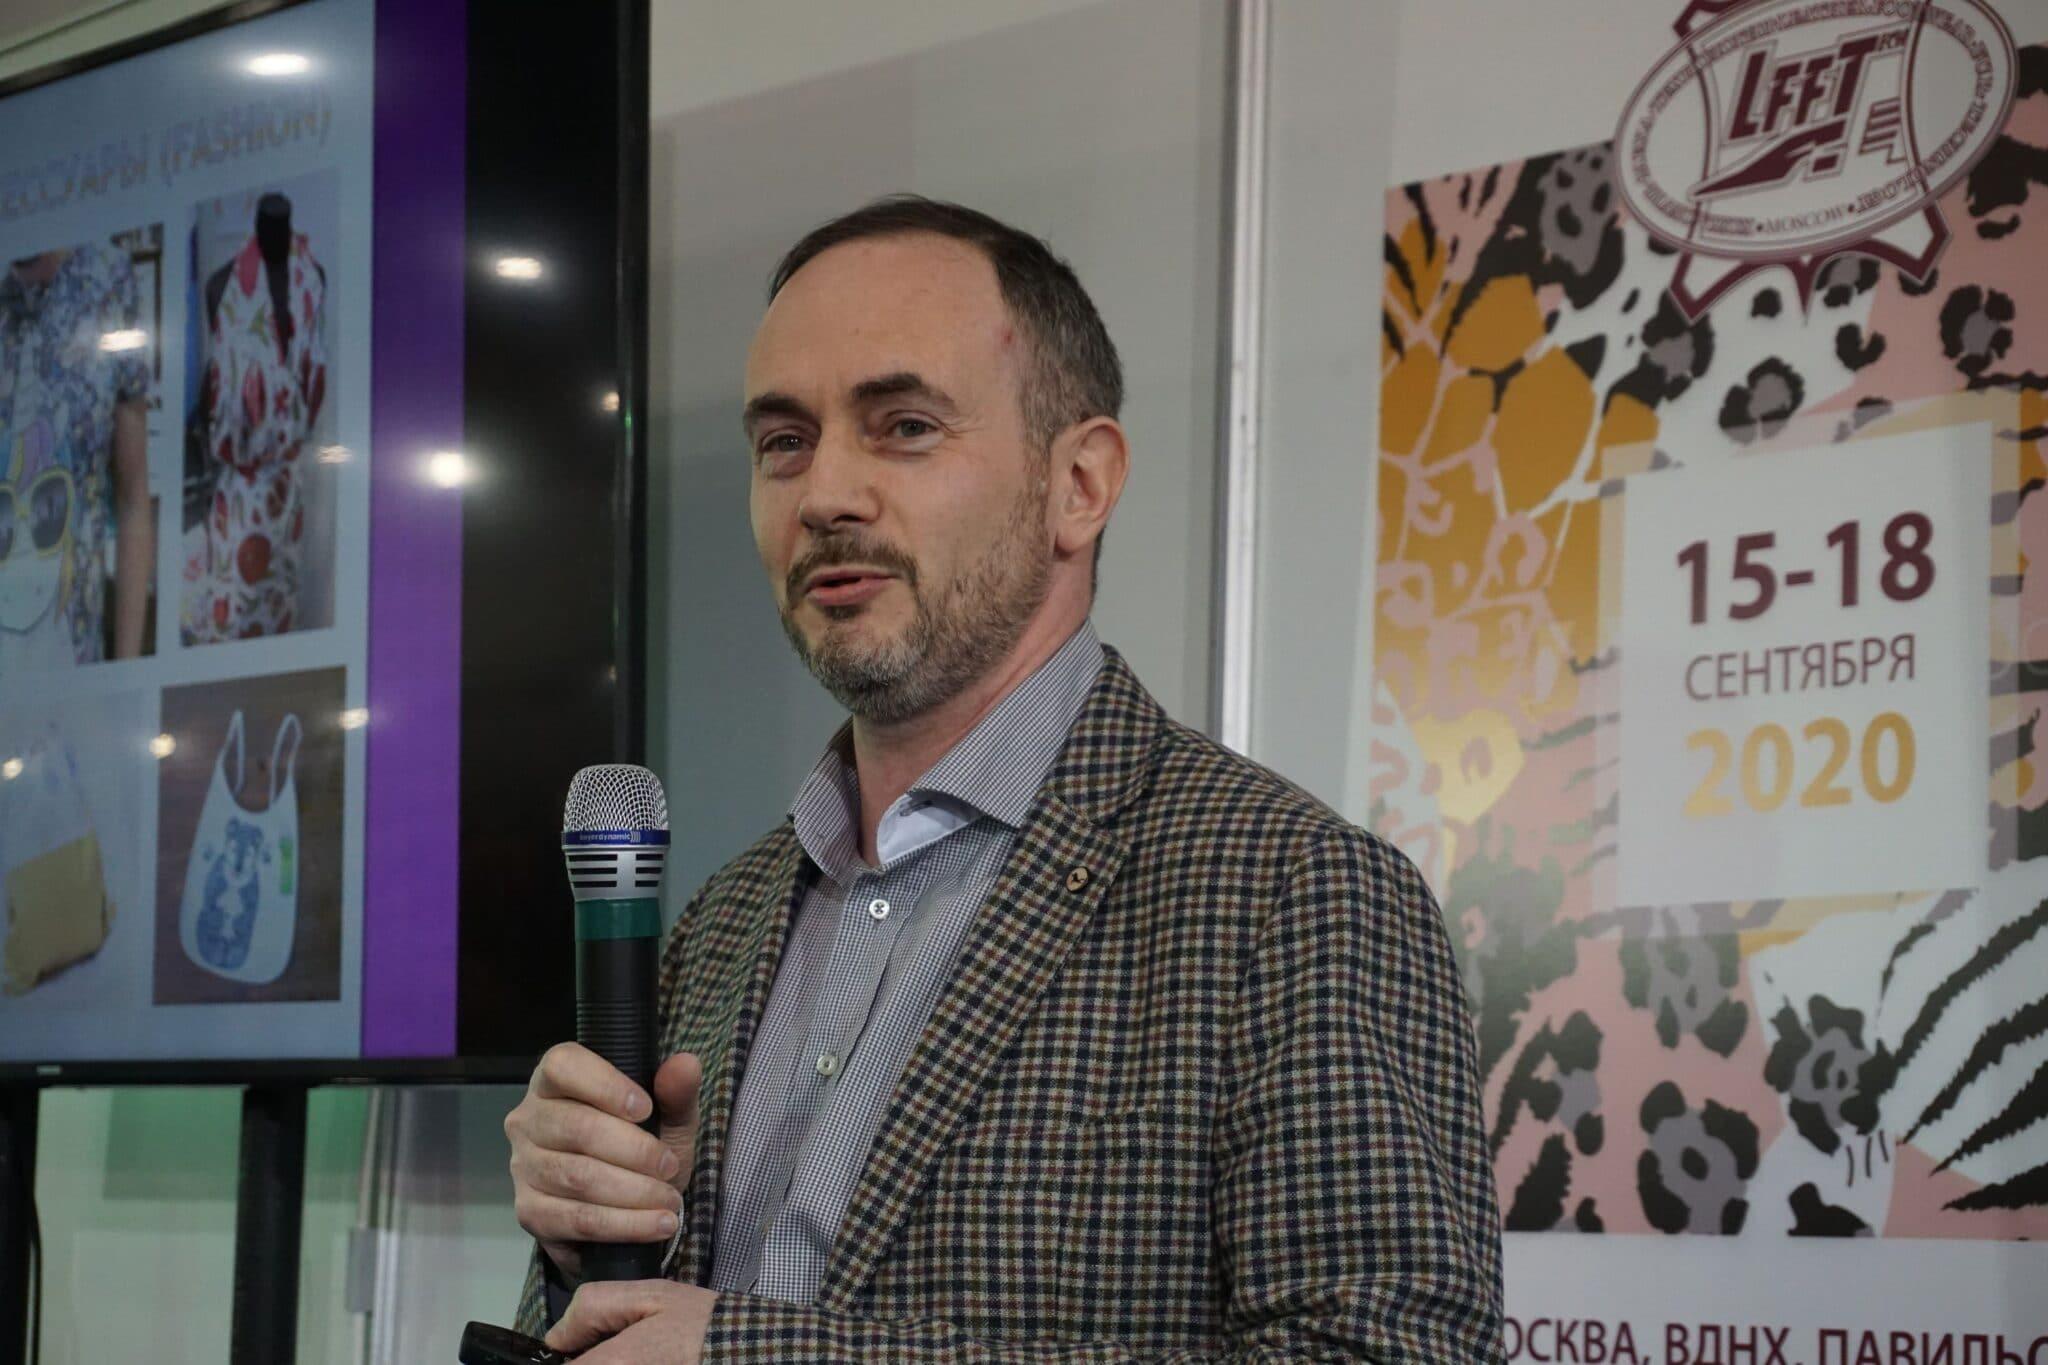 Отчет о Конференциях журнала «Цифровой текстиль»на выставке «Текстильлегпром»